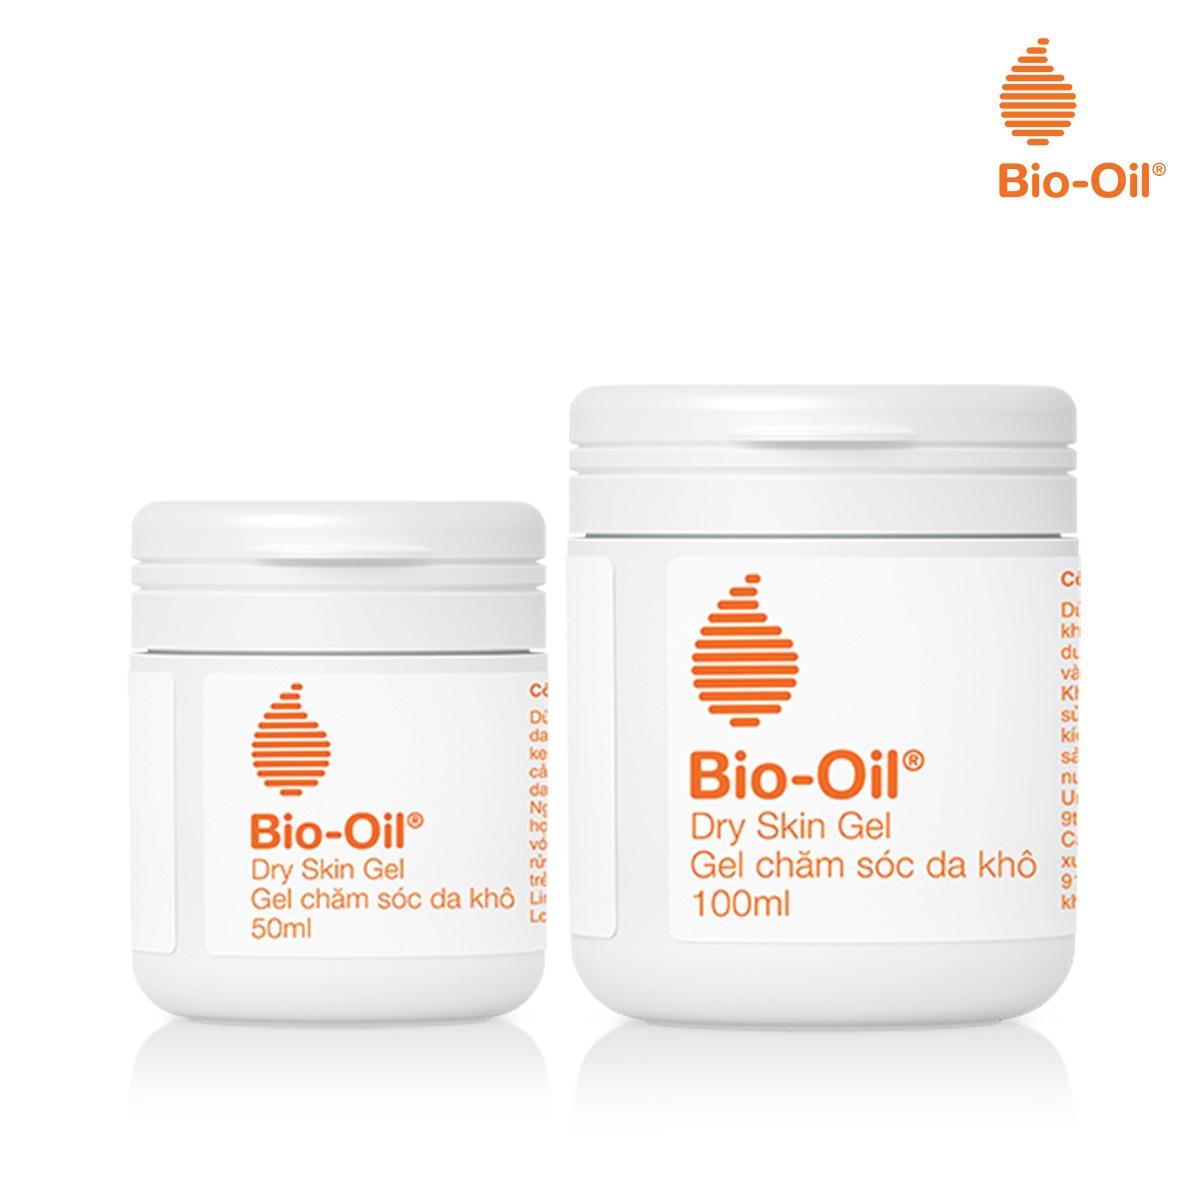 Gel Chăm Sóc Da Khô Bio-Oil Dry Skin Gel có 2 dung tích 50ml và 100ml